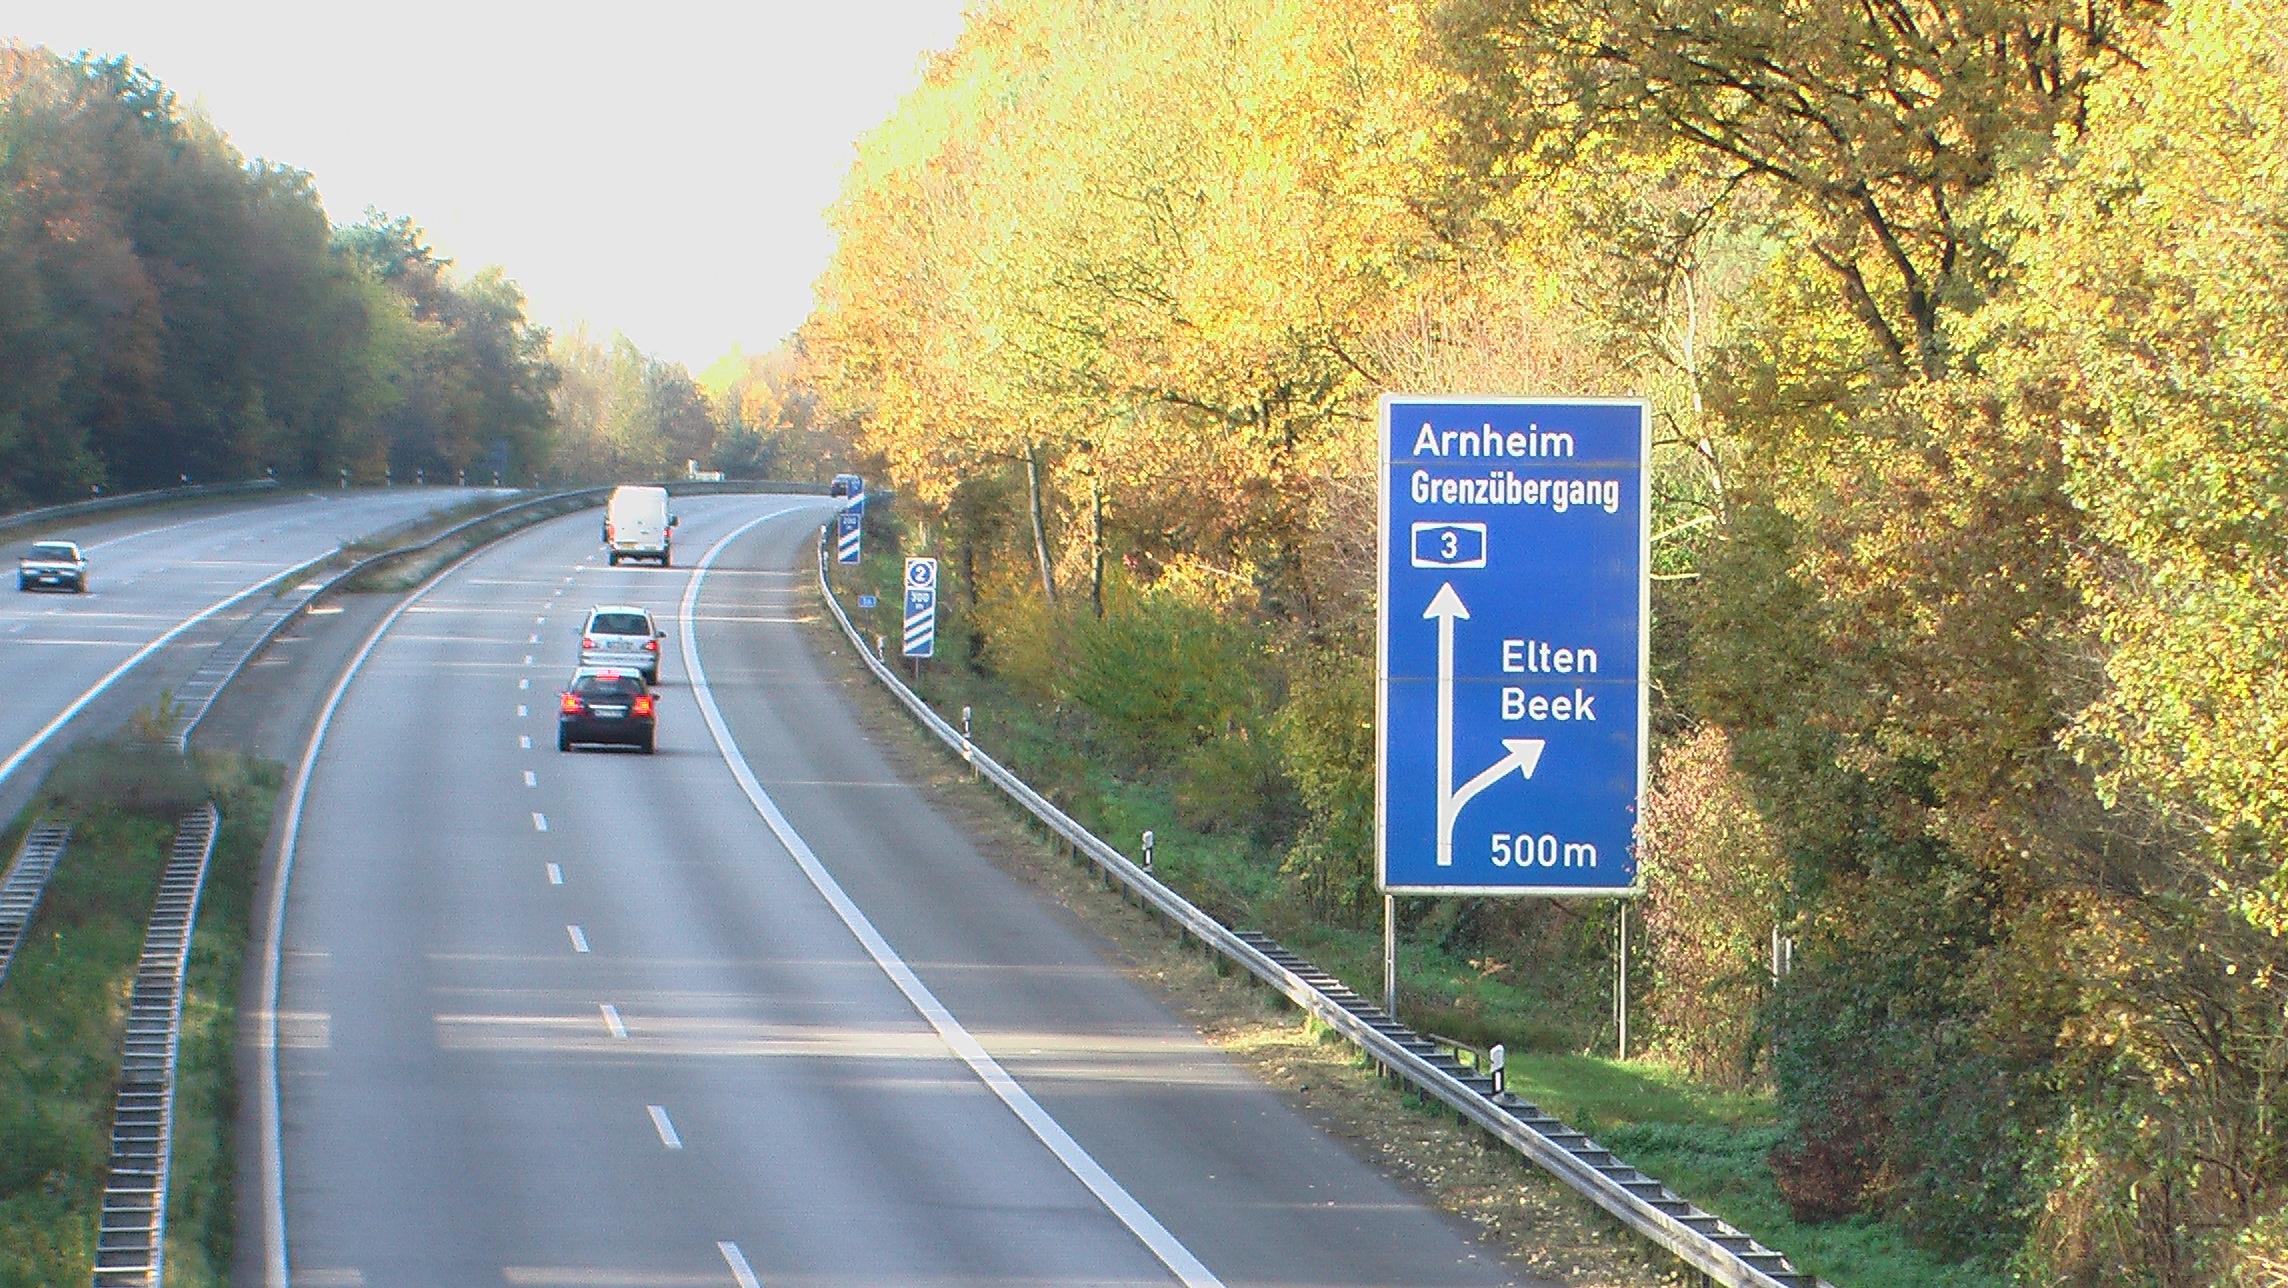 Bundesautobahn 3 Reiseführer Auf Wikivoyage